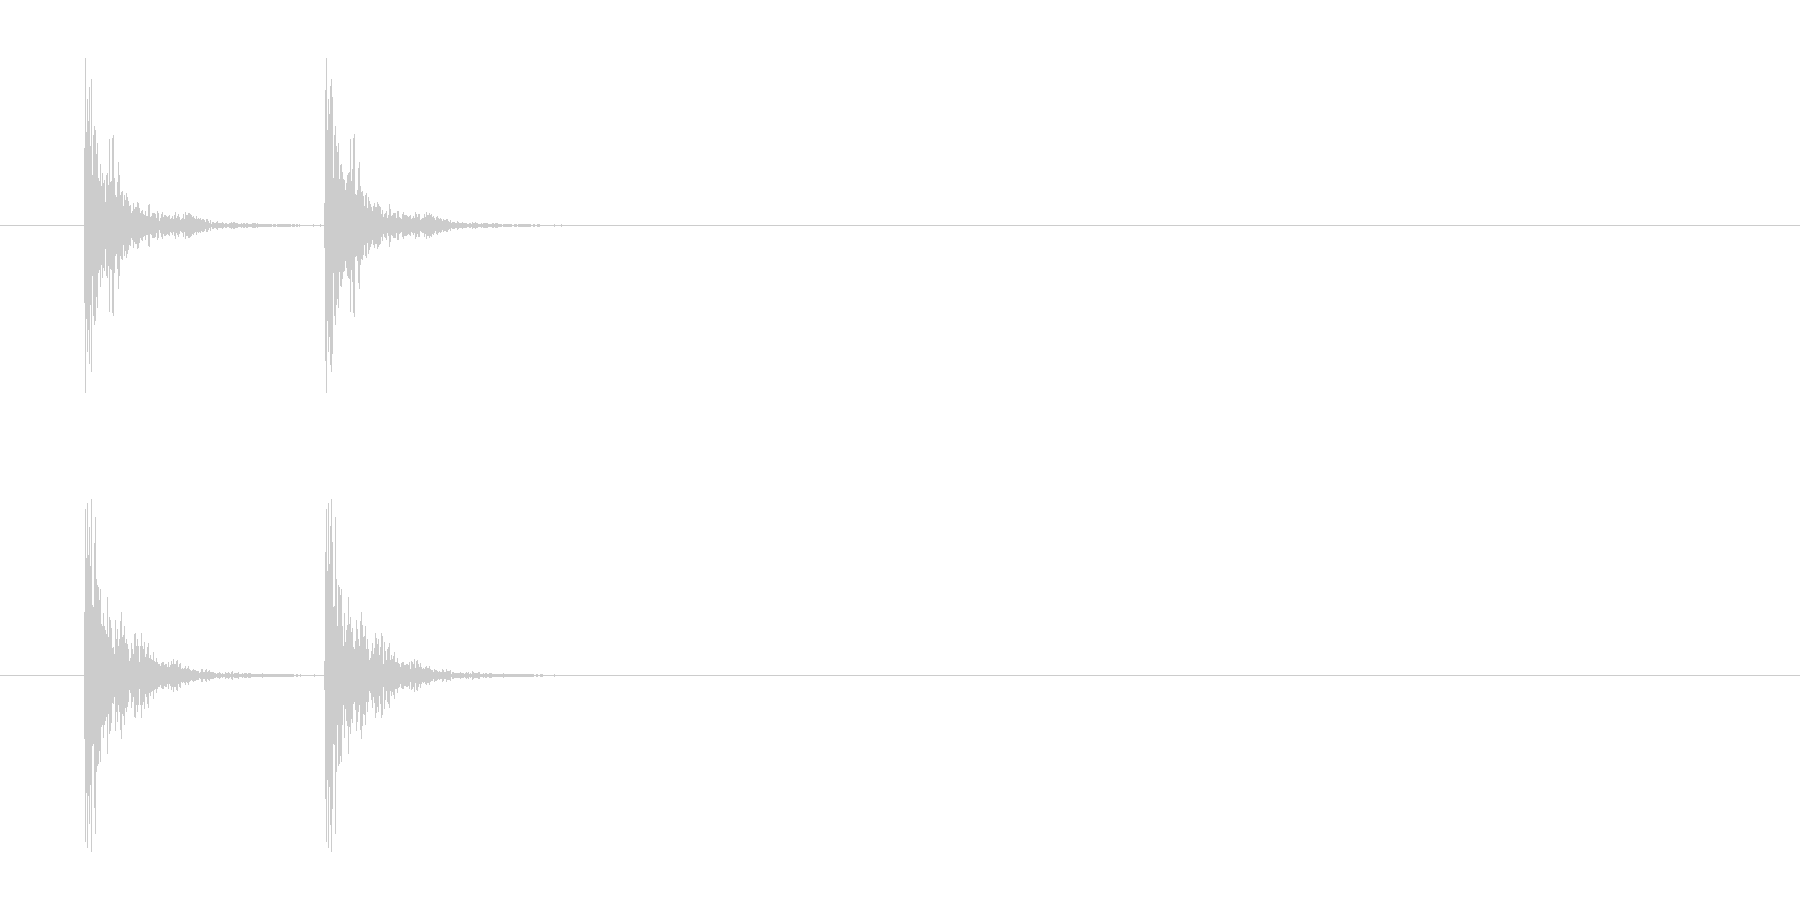 「カカン」木鉦(もくしょう)の連打音の未再生の波形